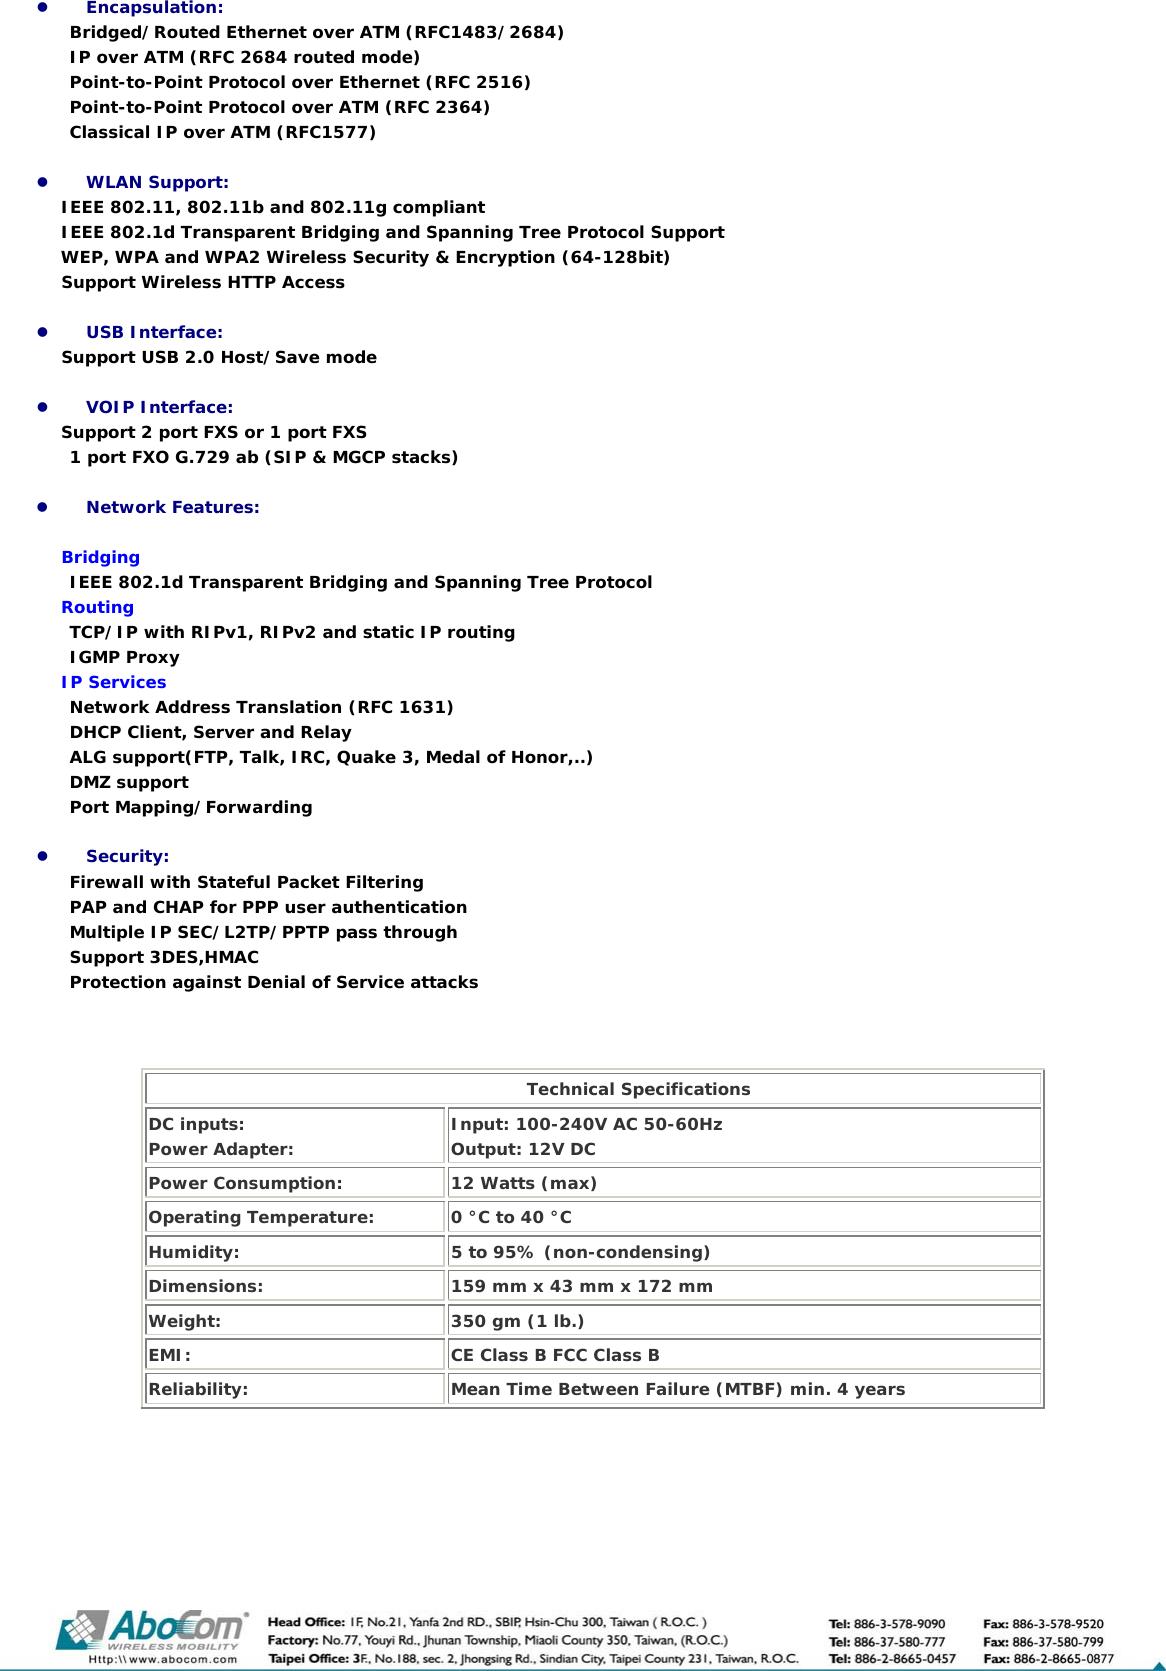 Abocom AIV 422 User Manual To The Bdf37eba 8328 425d 8284